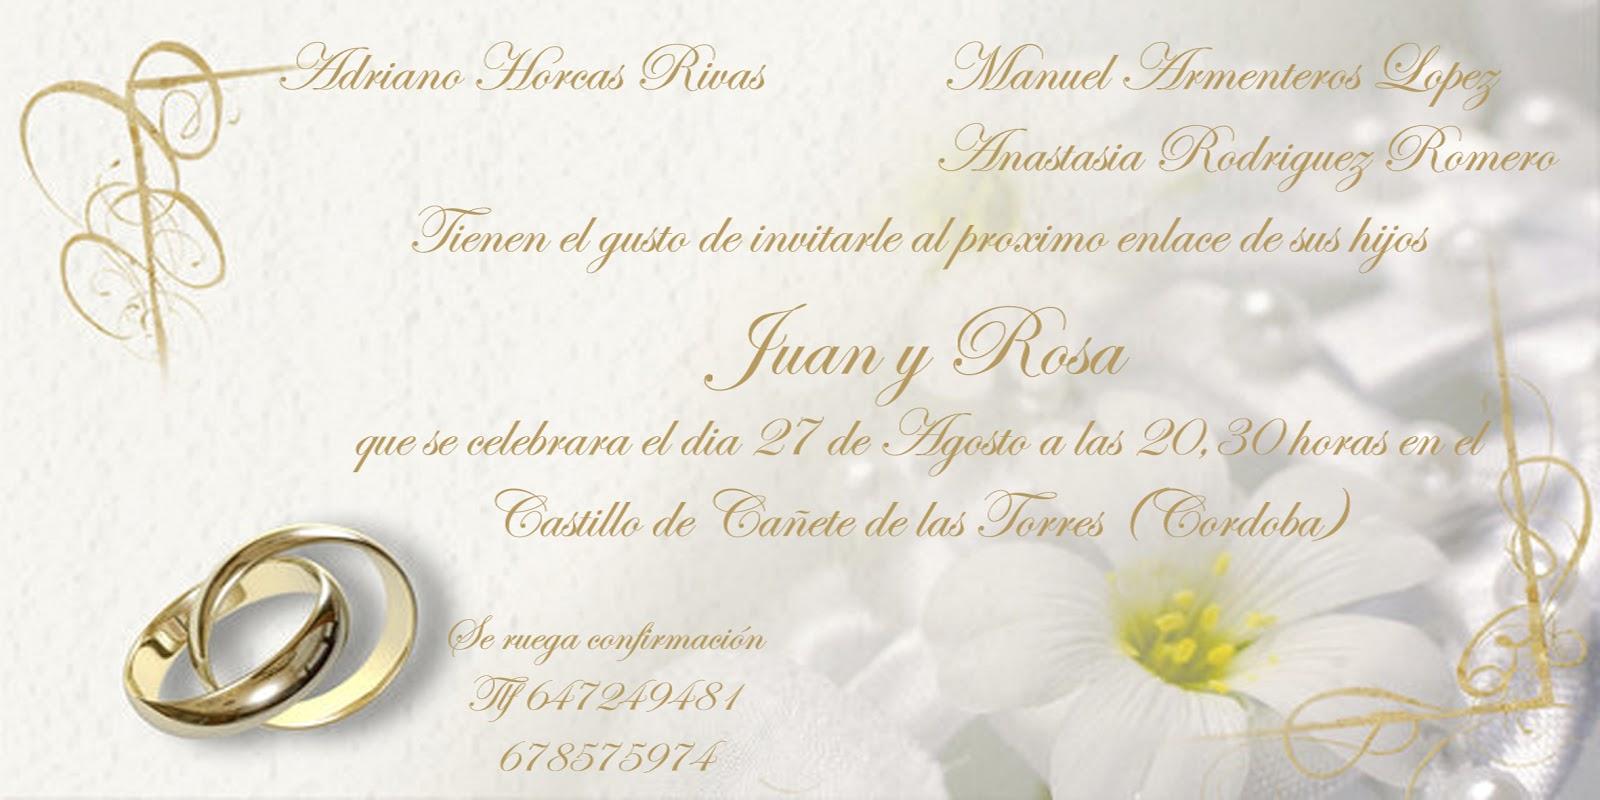 Top texto para invitaciones de boda wallpapers - Tarjeta de boda ...